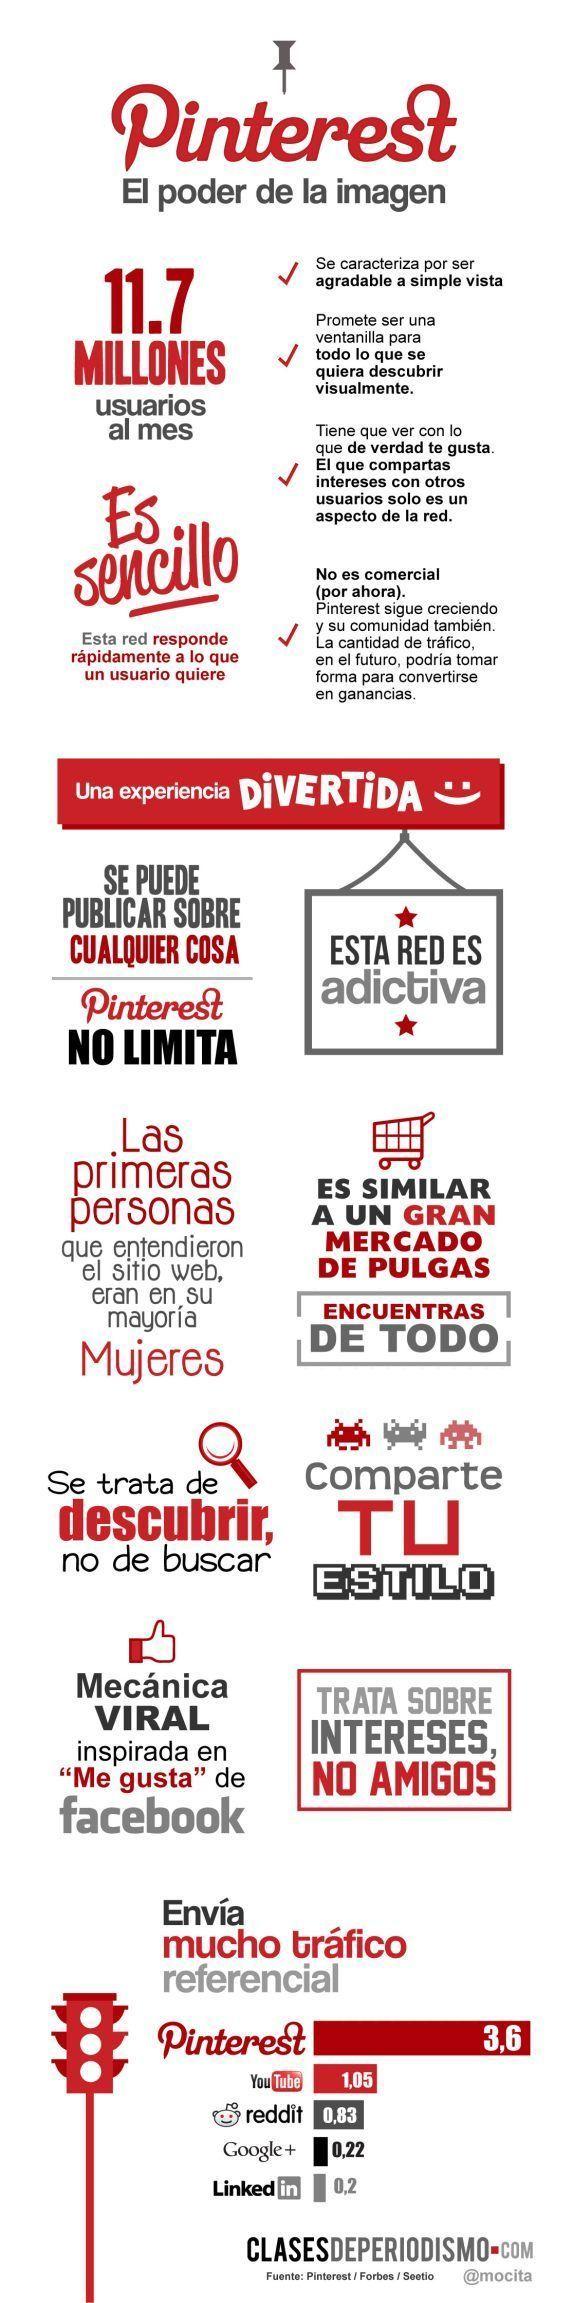 Pinterest, el poder de la imagen [#infografía, es]